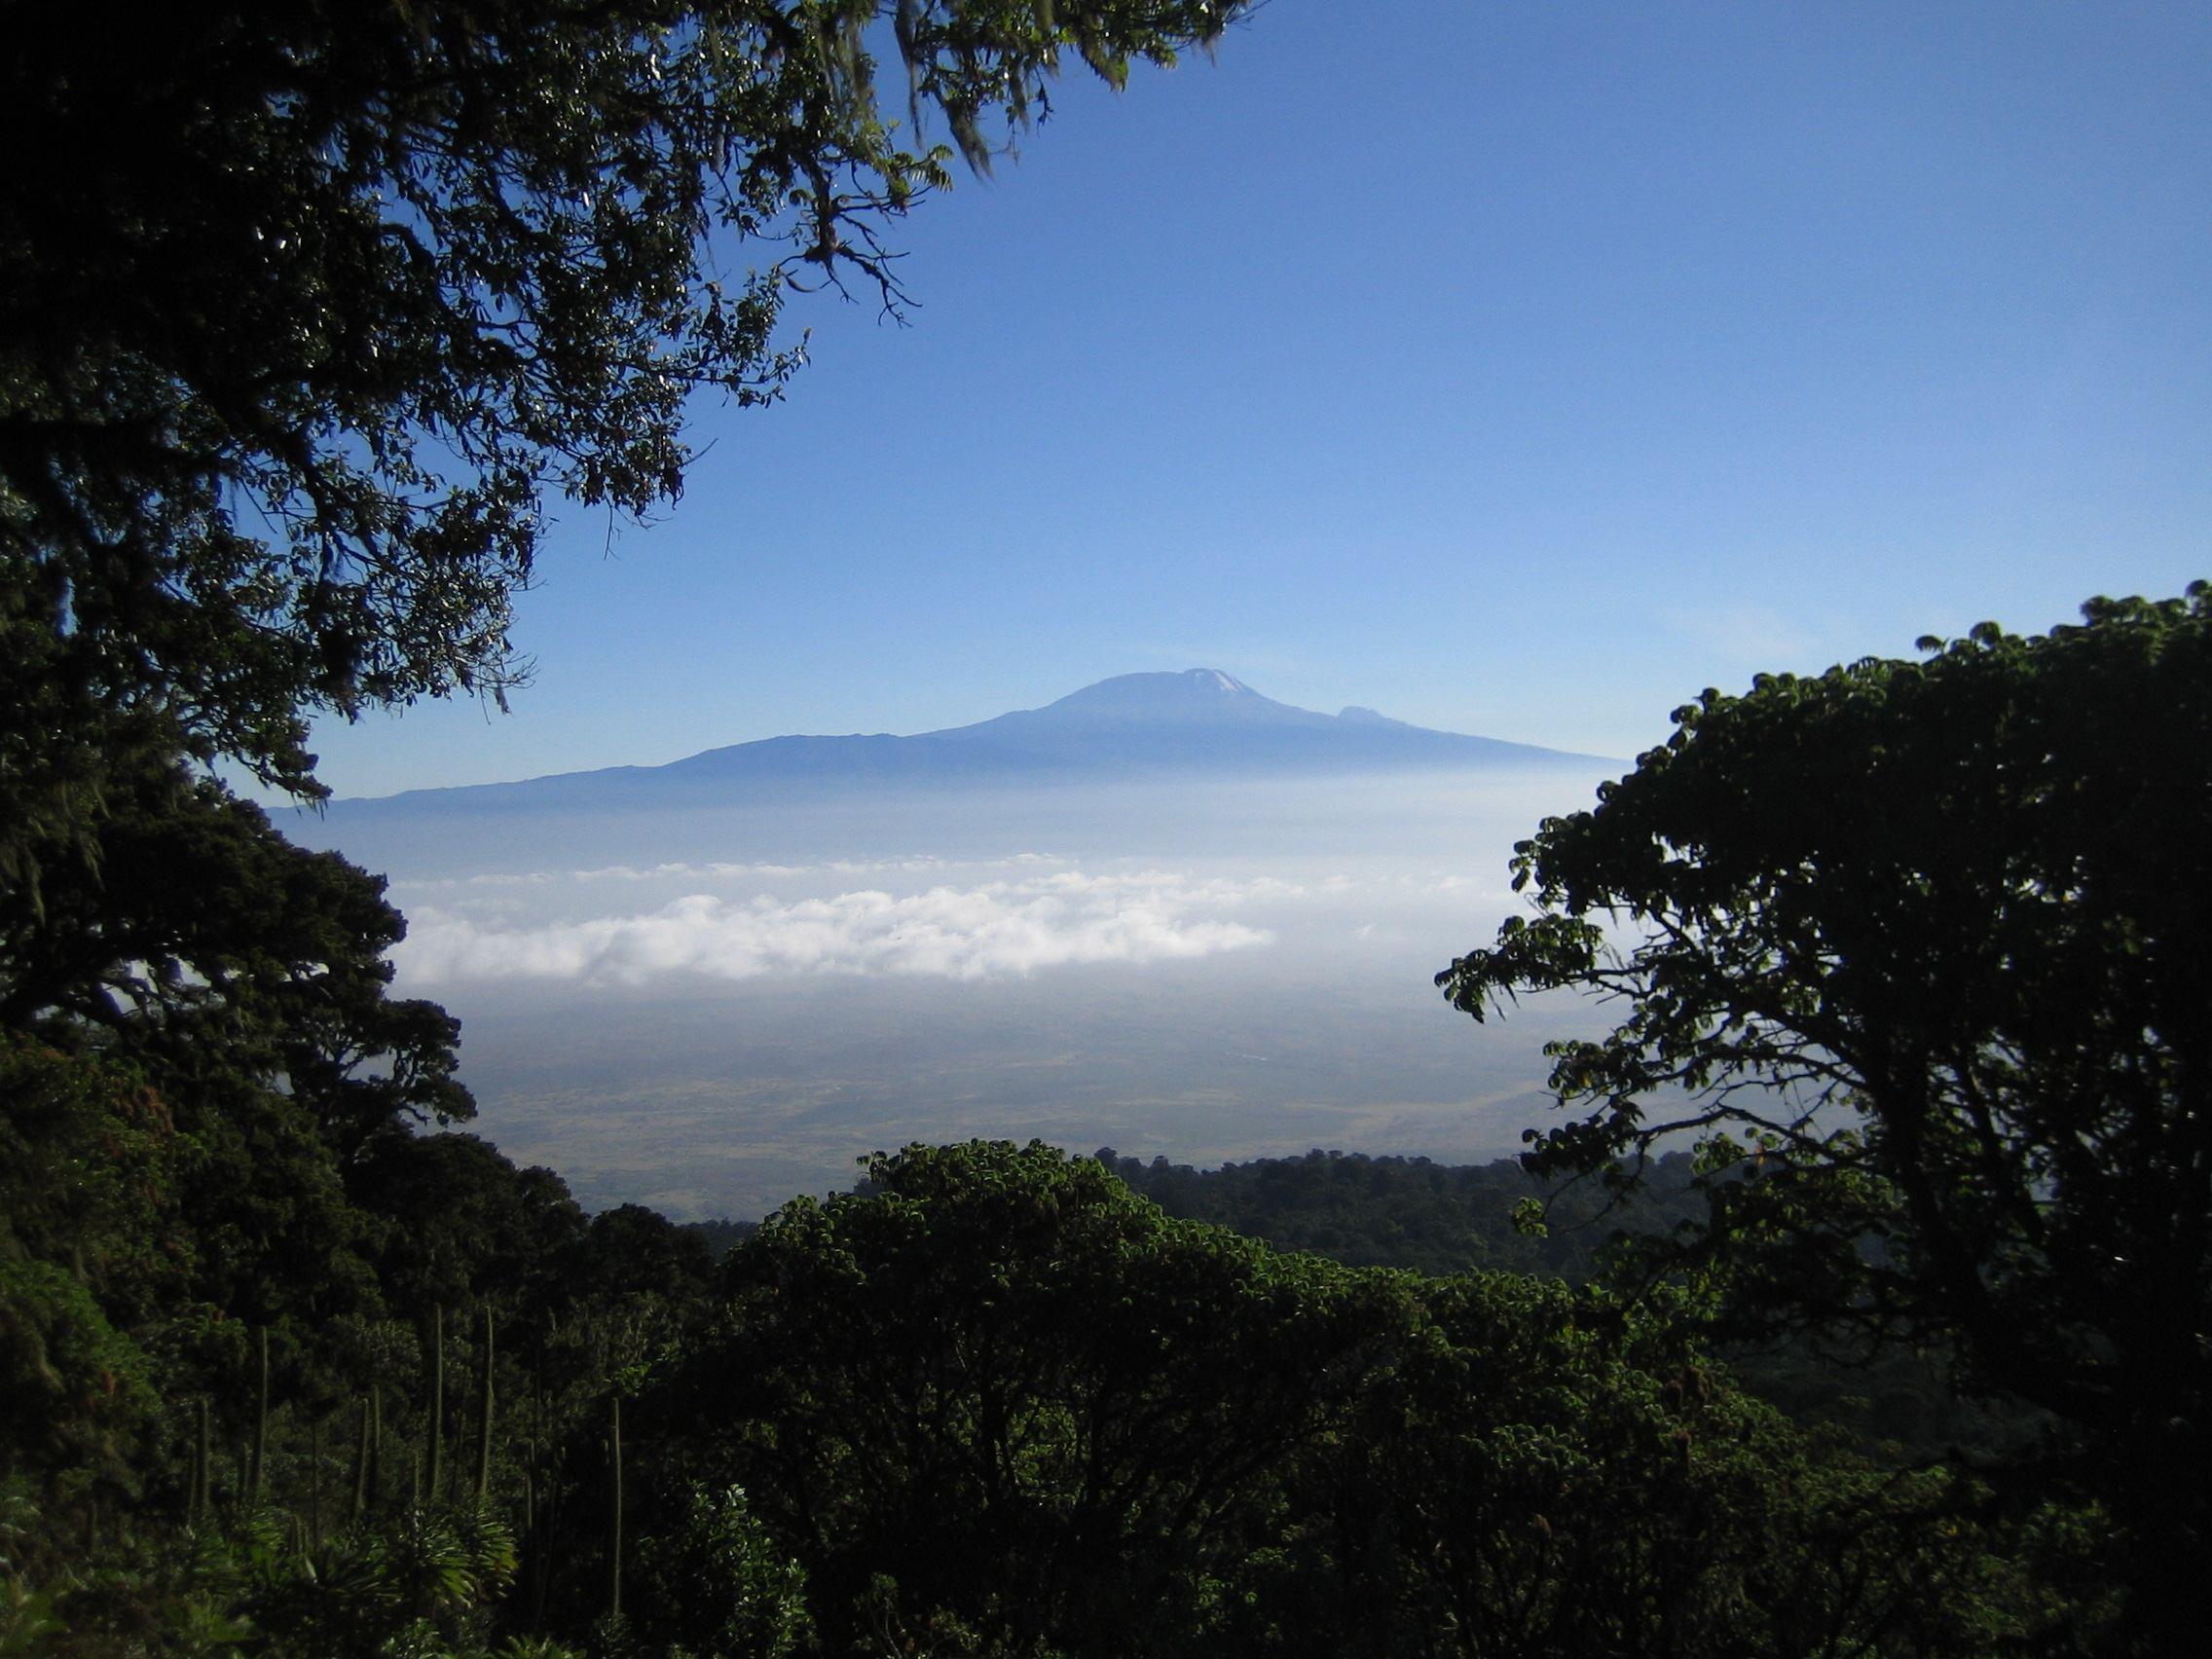 O monte Kilimanjaro é o ponto mais alto da África, com uma altitude de 5.891,8m